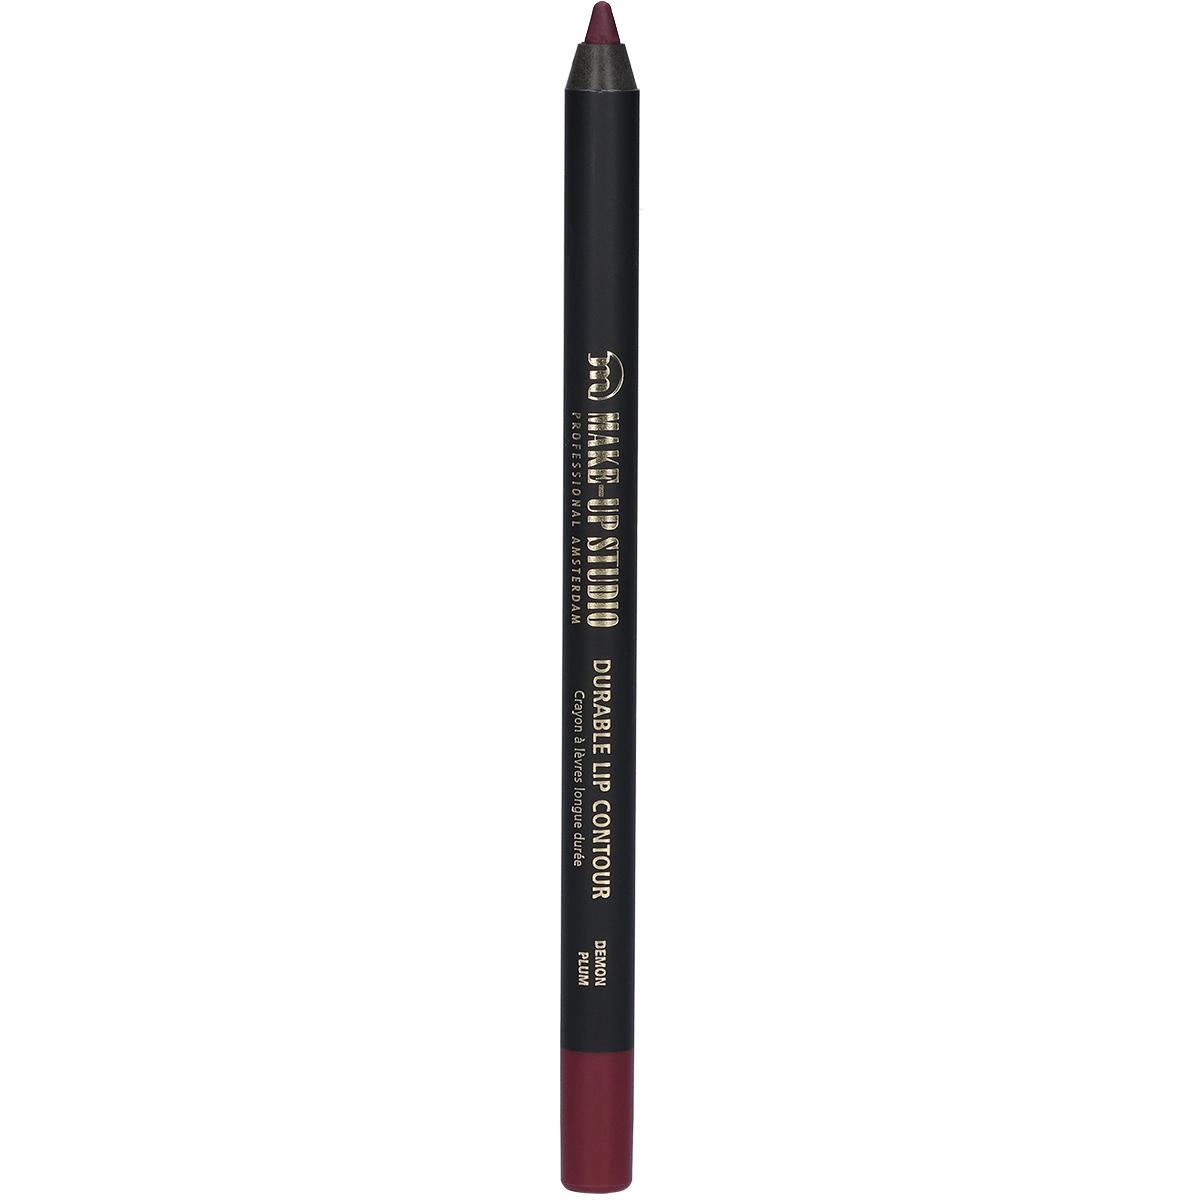 Durable Lip Contour Lippotlood - Demon Plum